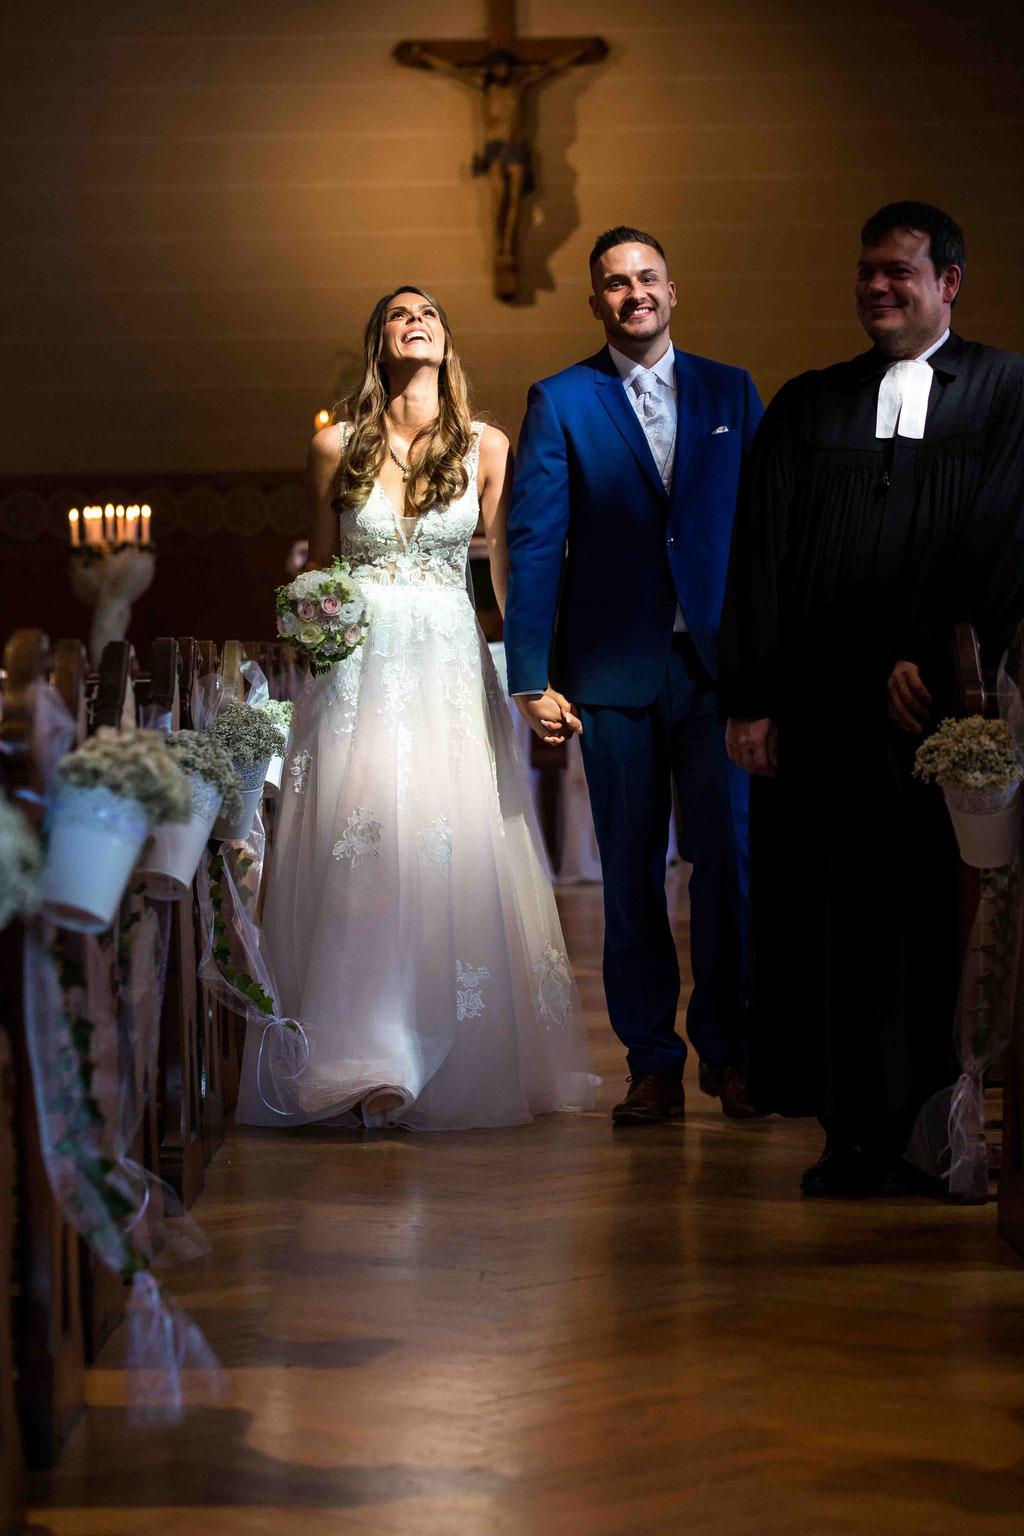 Auszug aus der Kirche, Lichtschein auf das Brautpaar, Braut lächelt, wundervolles Brautkleid